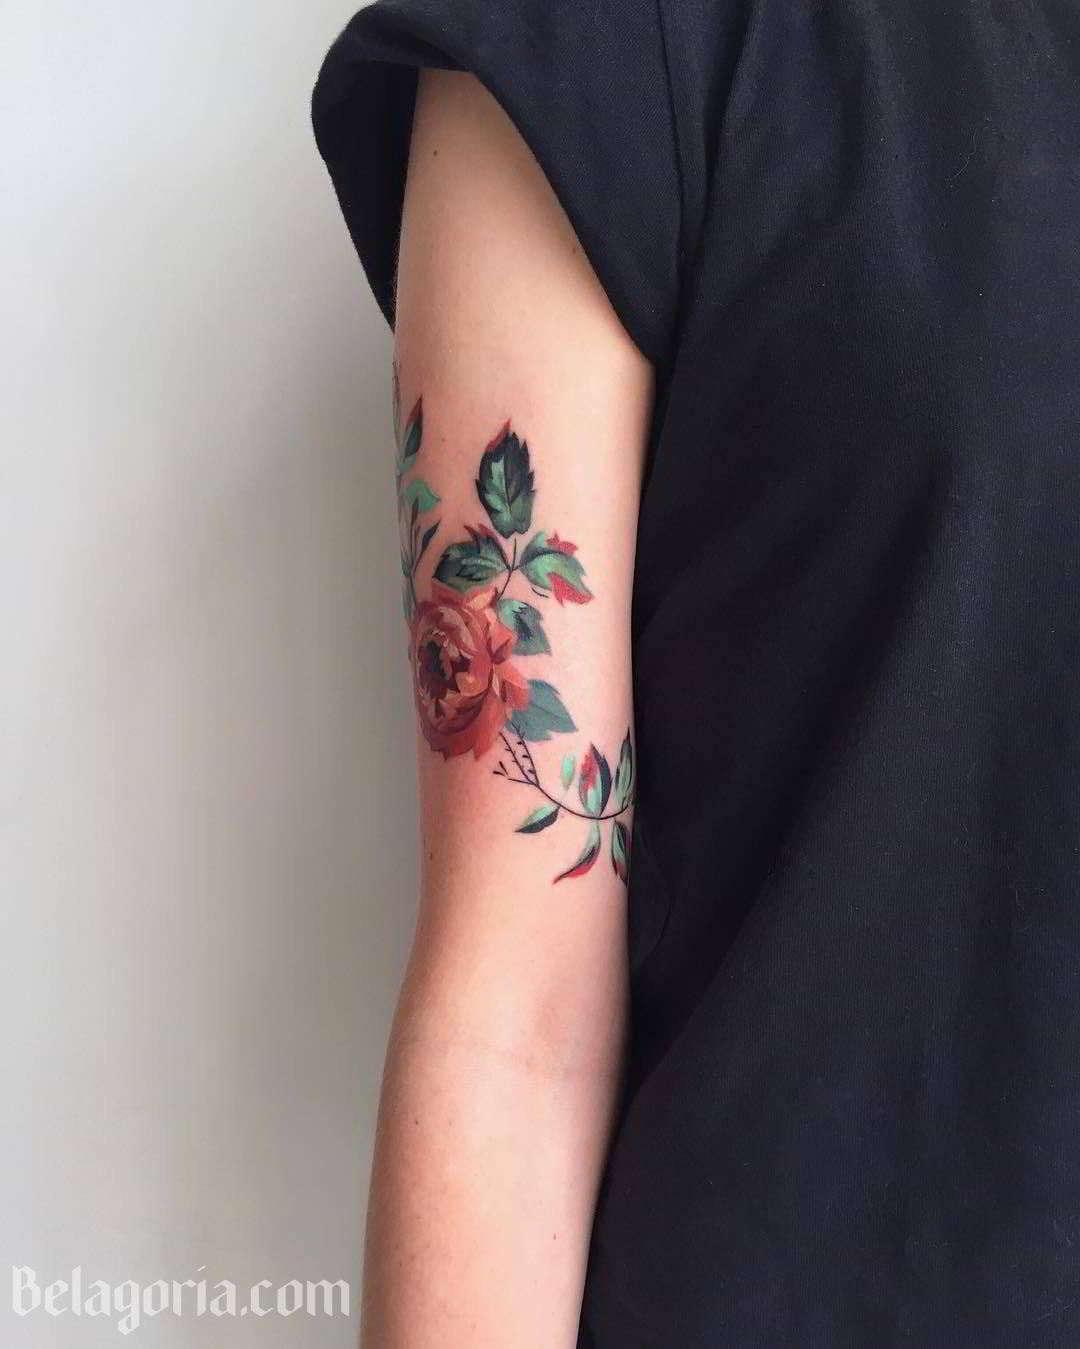 Vemos un tatuaje de rosa muy elegante